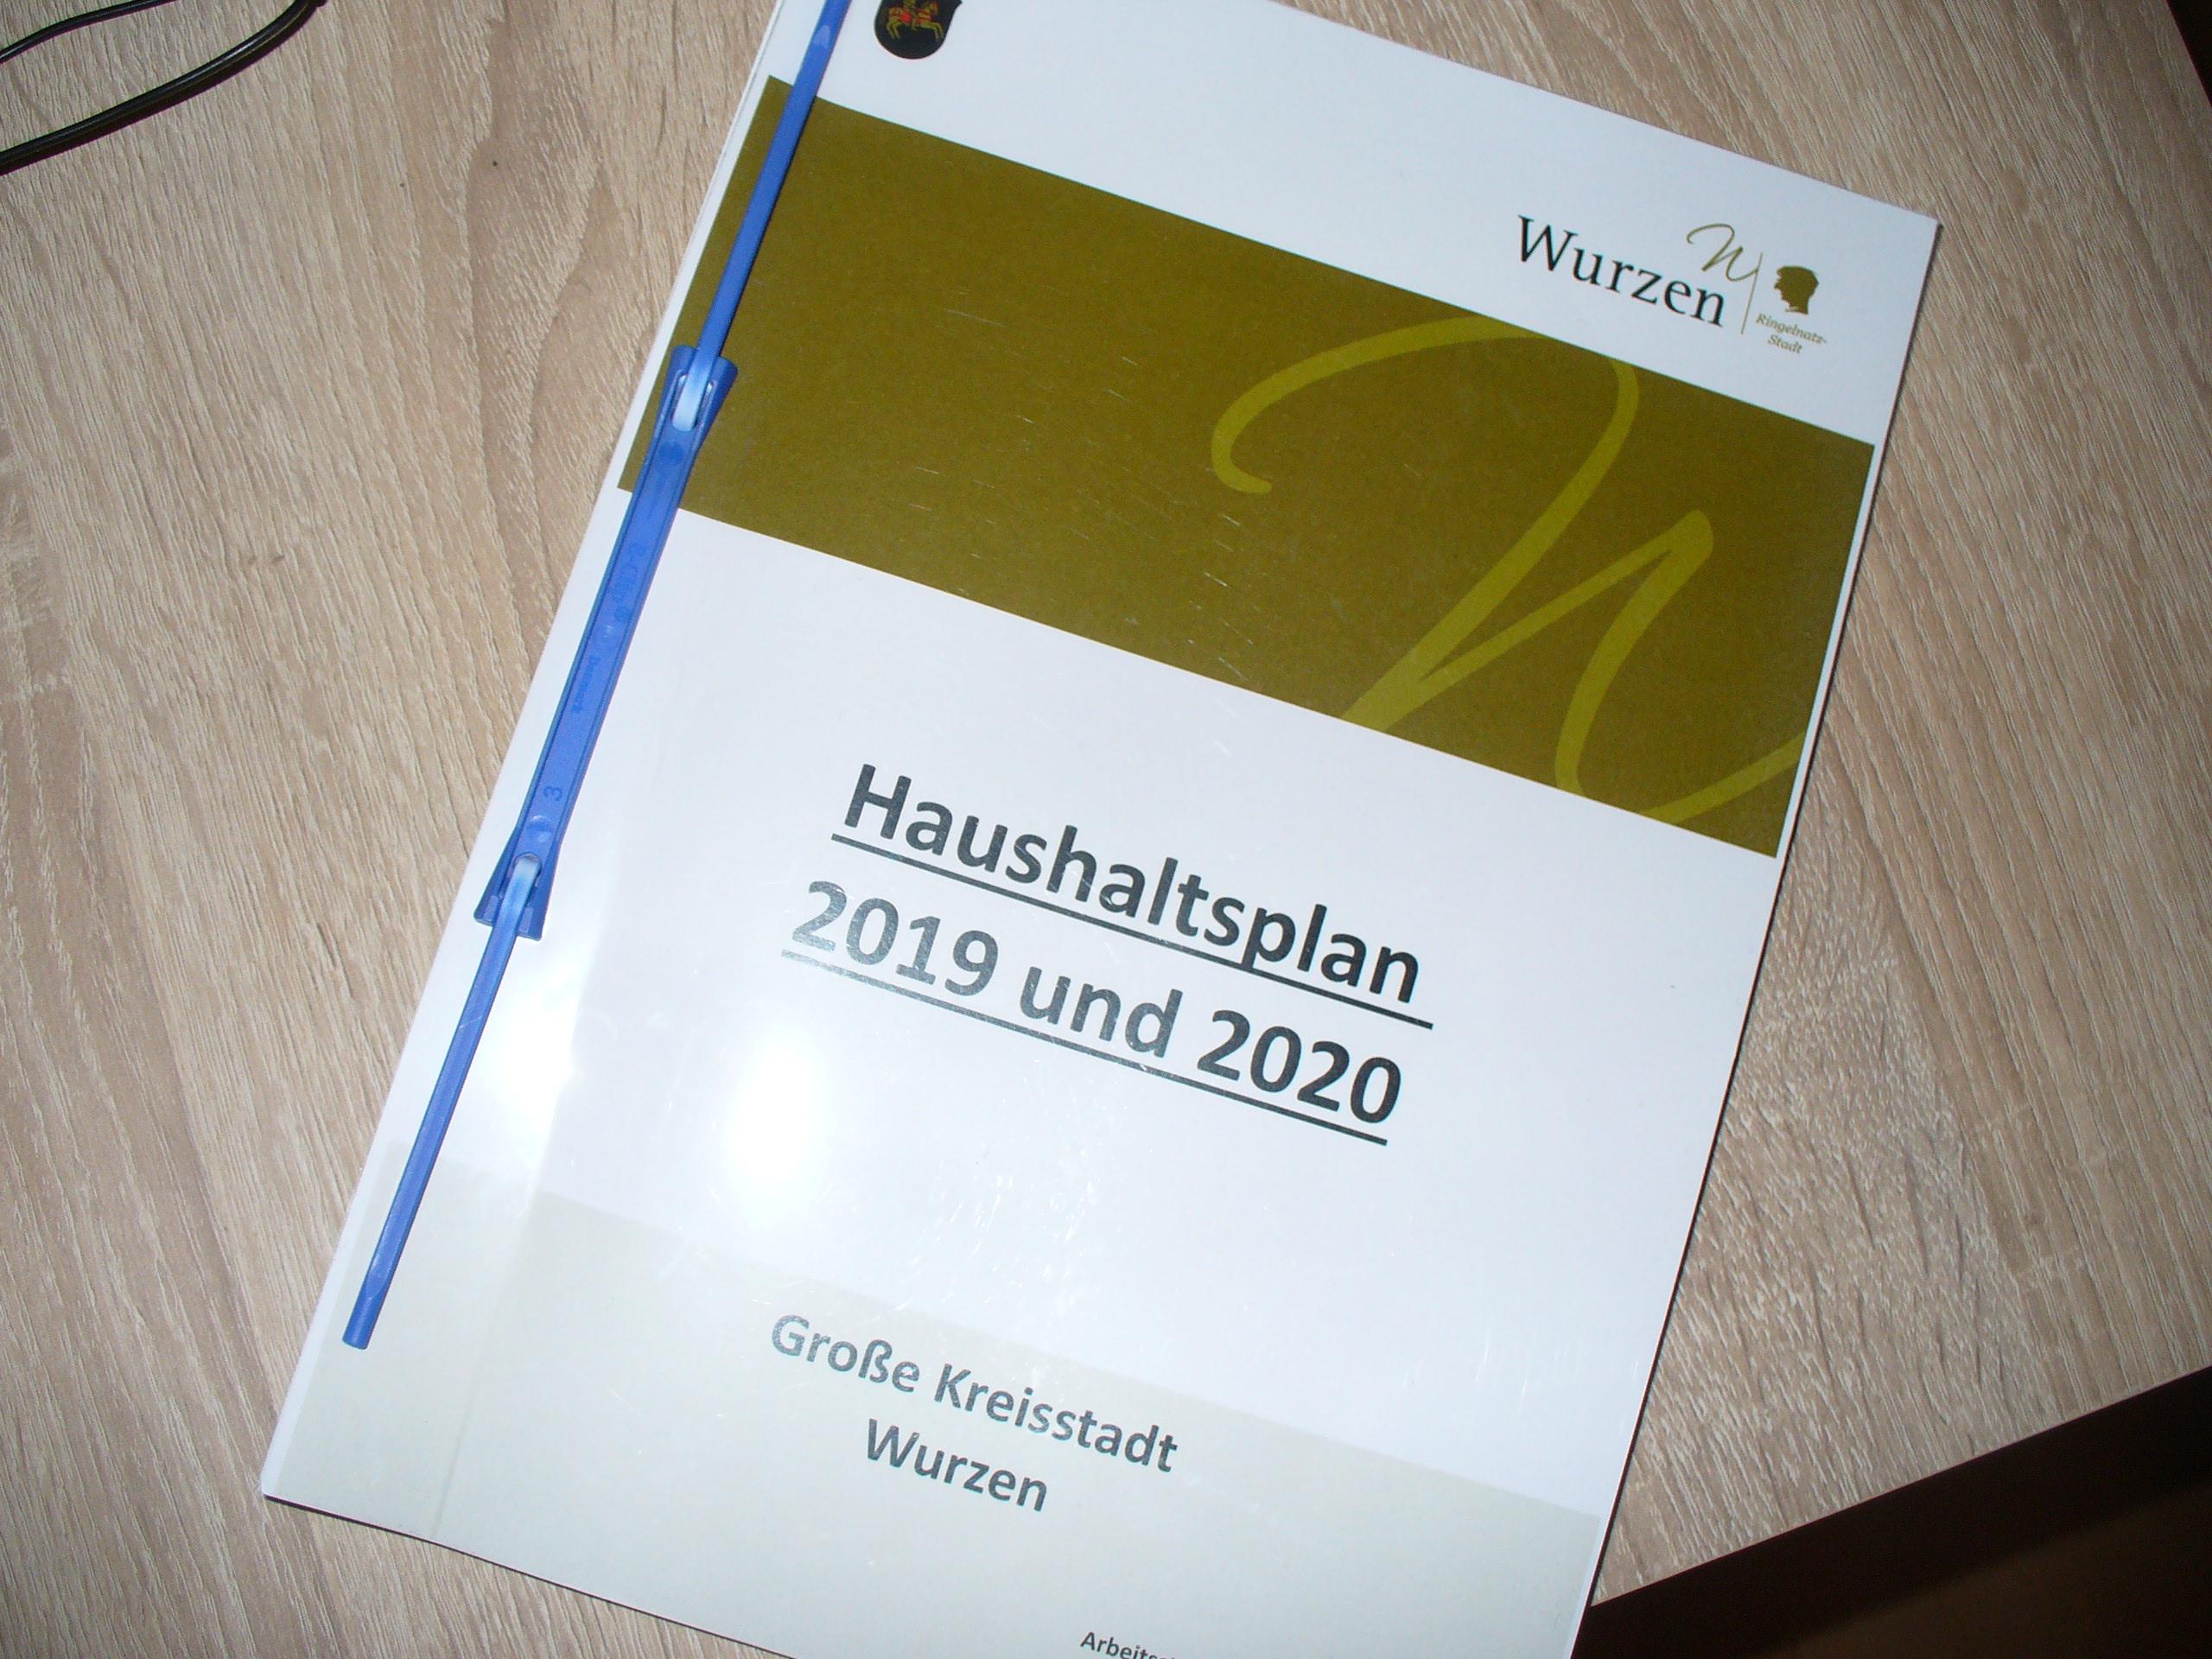 Wurzener Stadtrat beschließt Doppelhaushalt 2019/20